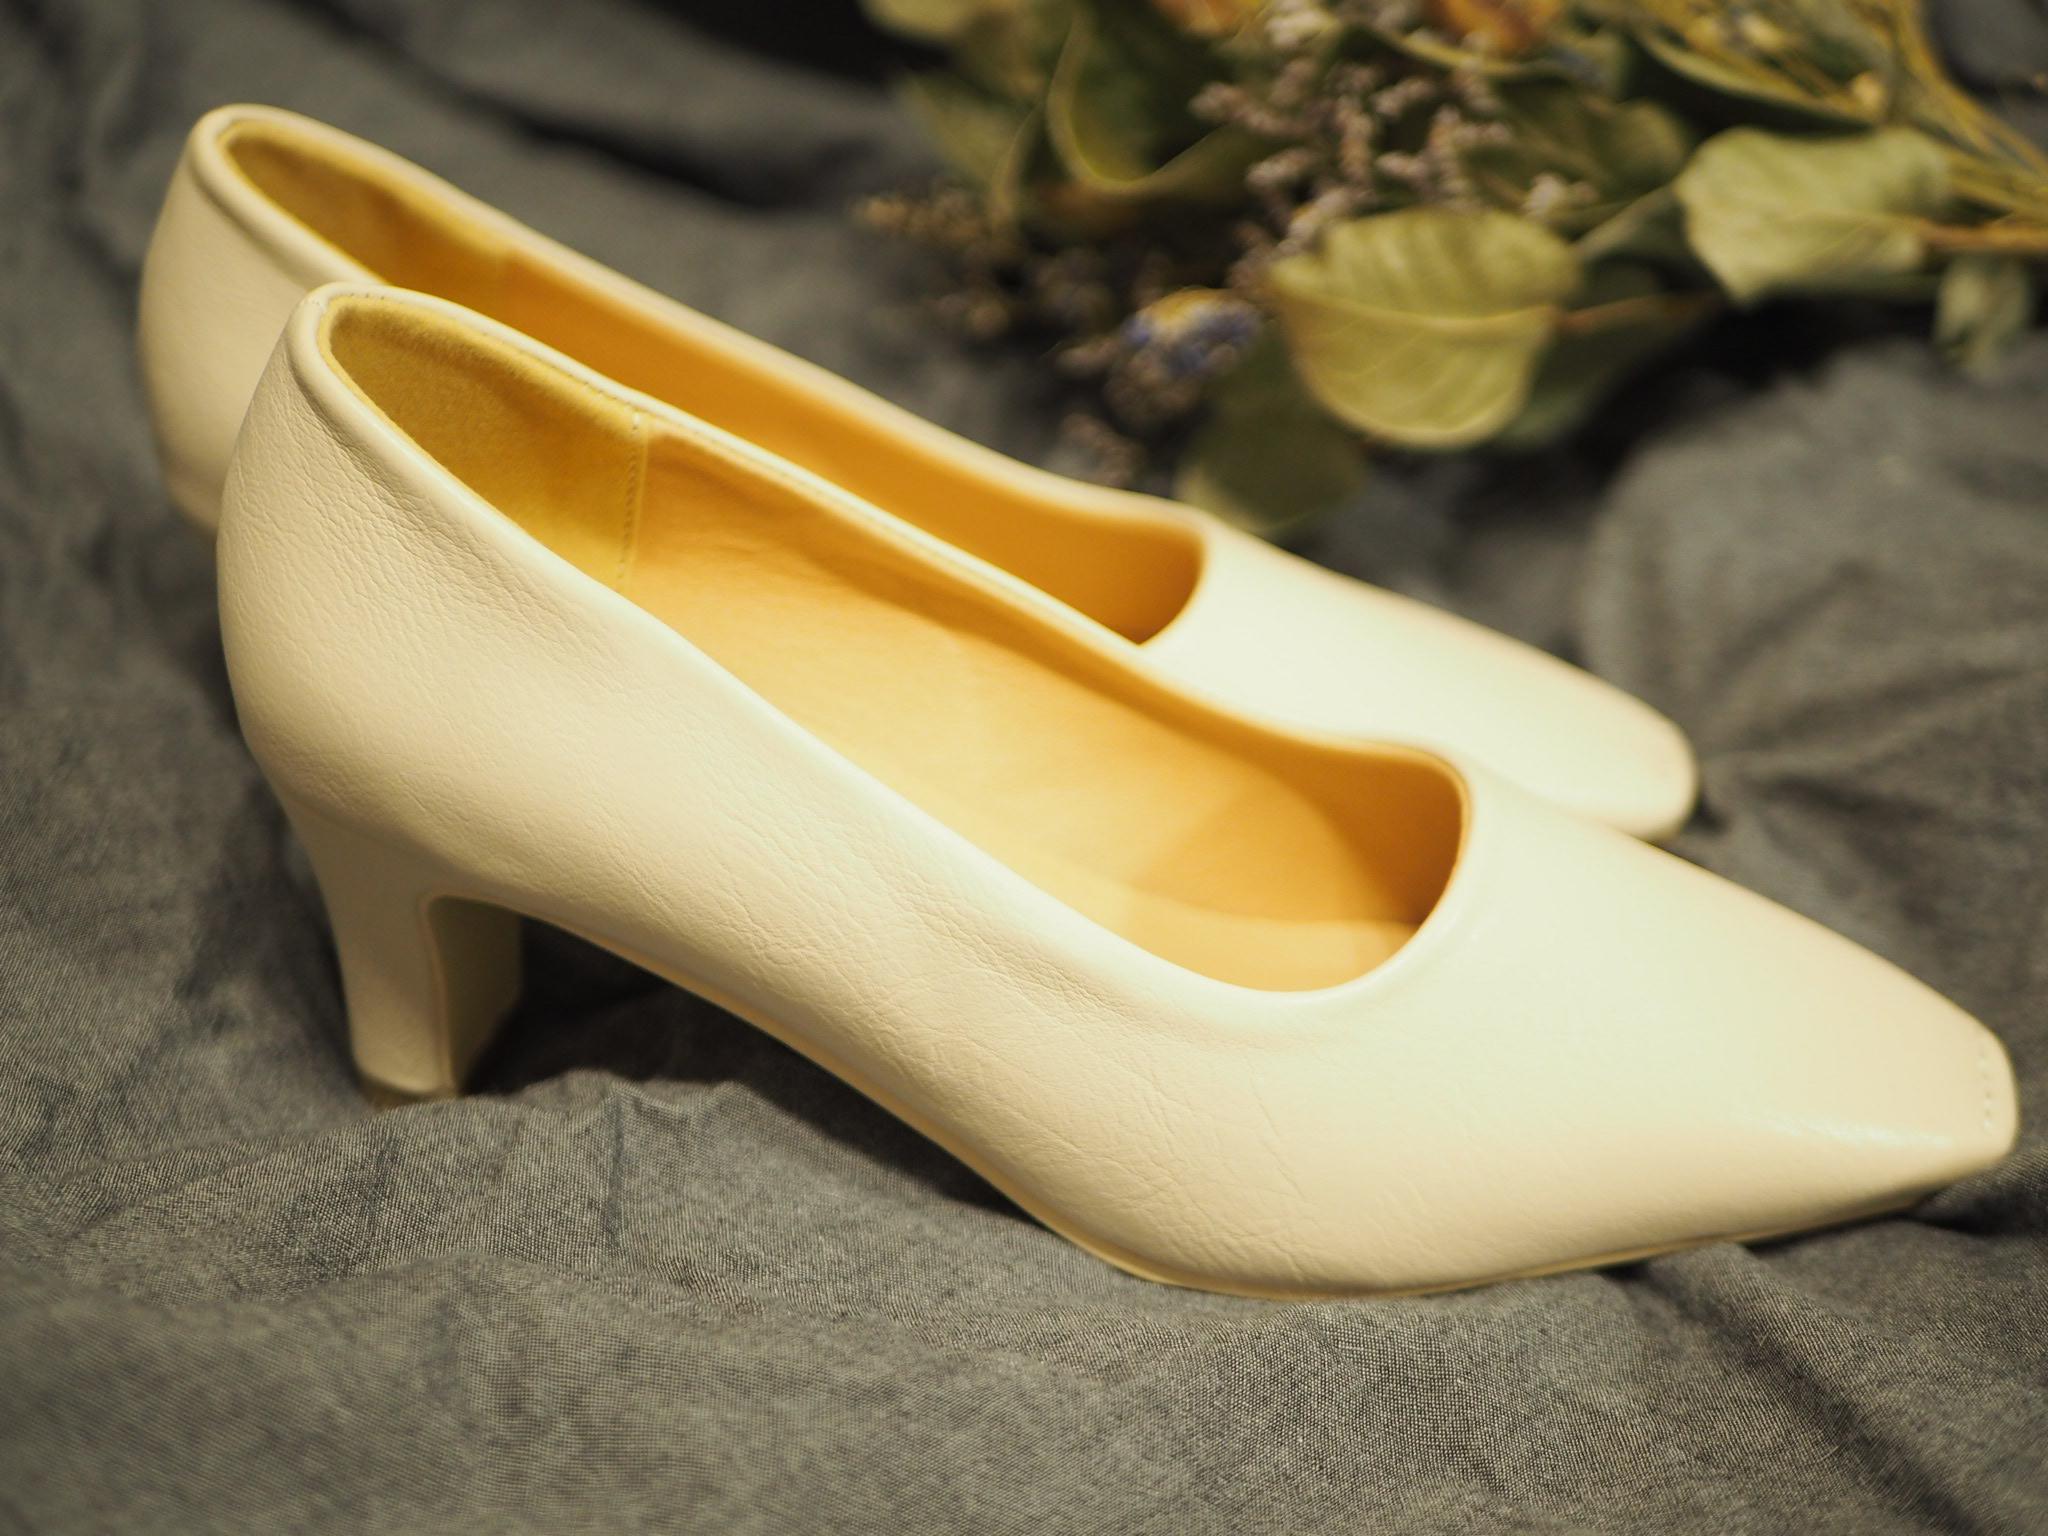 【プチプラ春靴】ホワイトカラーの《スクエアトゥシューズ》❃❃❃_3